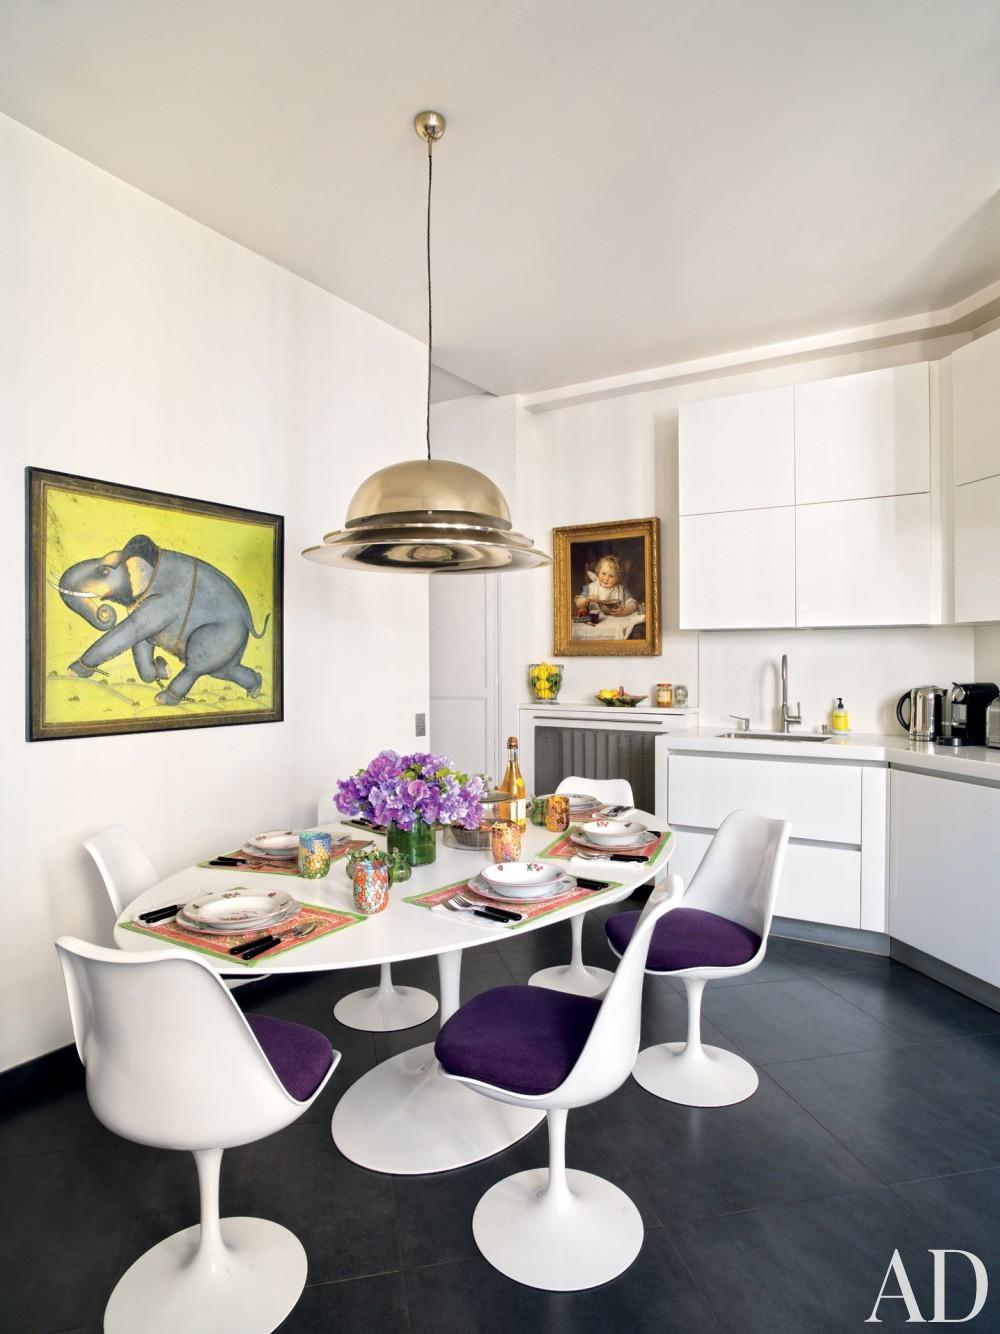 Kitchen in Paris, France